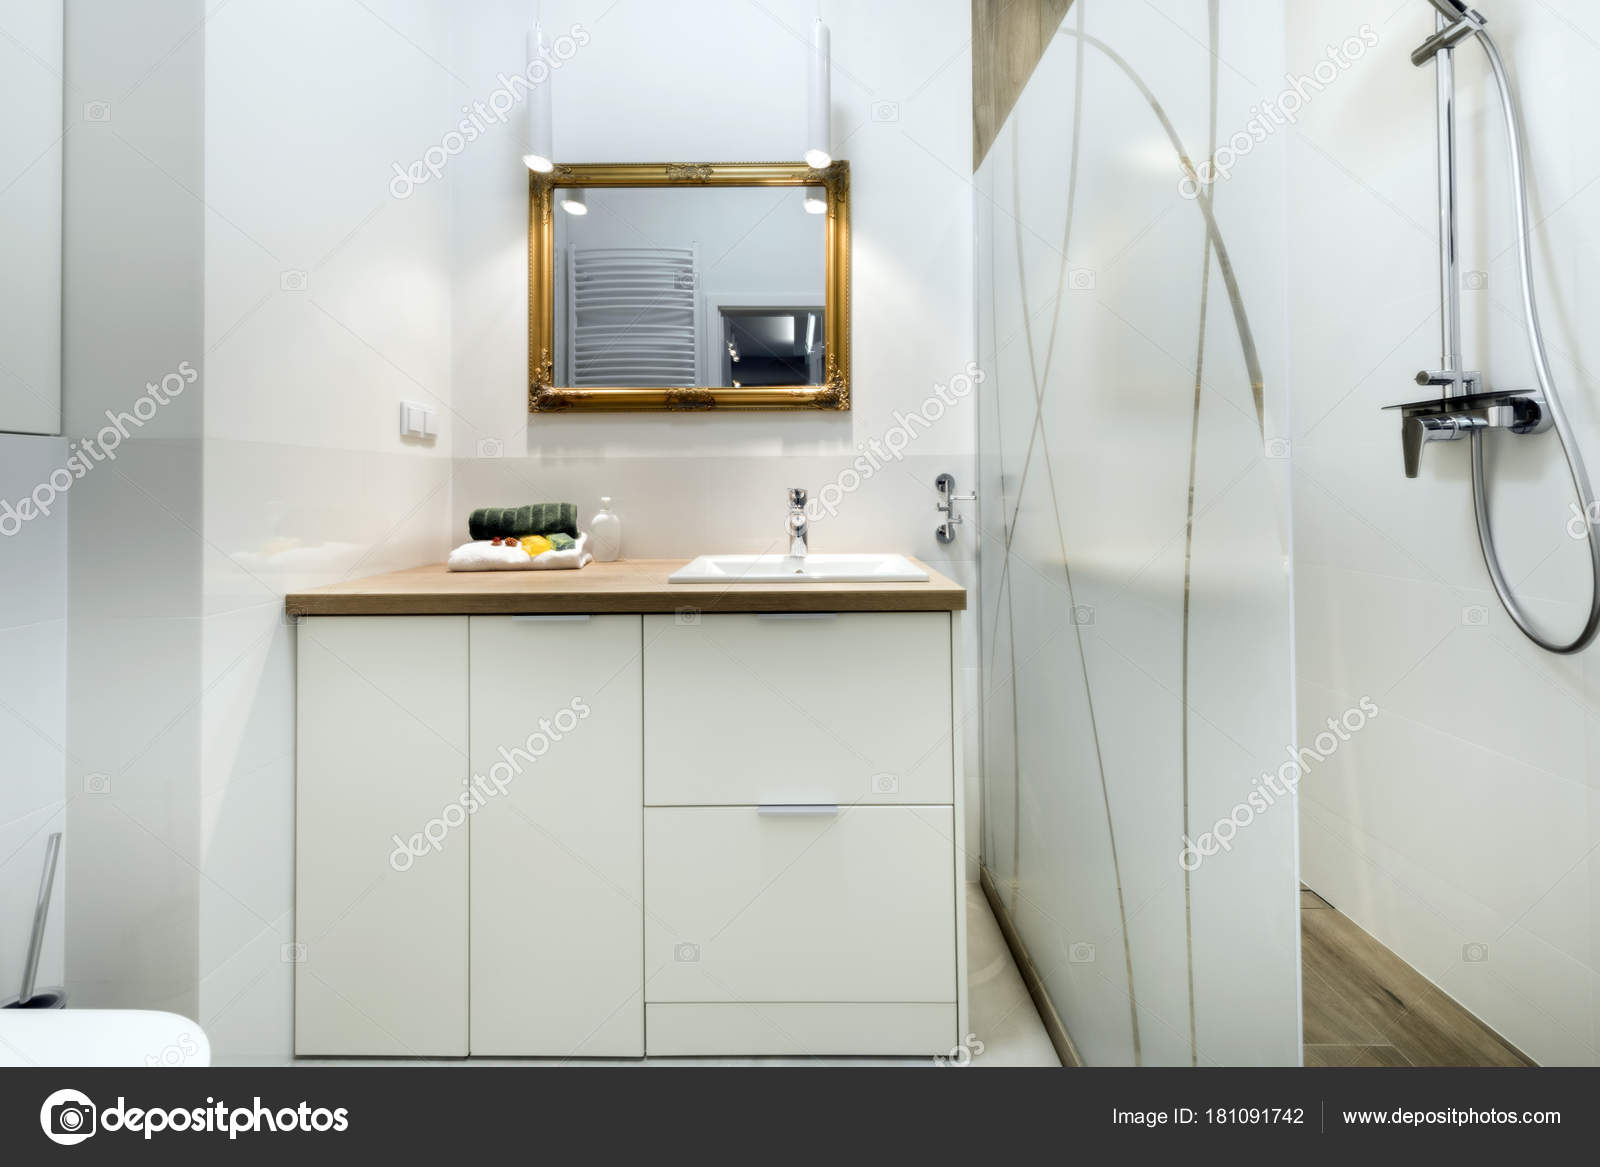 https://st3.depositphotos.com/1033308/18109/i/1600/depositphotos_181091742-stockafbeelding-moderne-badkamer-met-houten-vloer.jpg